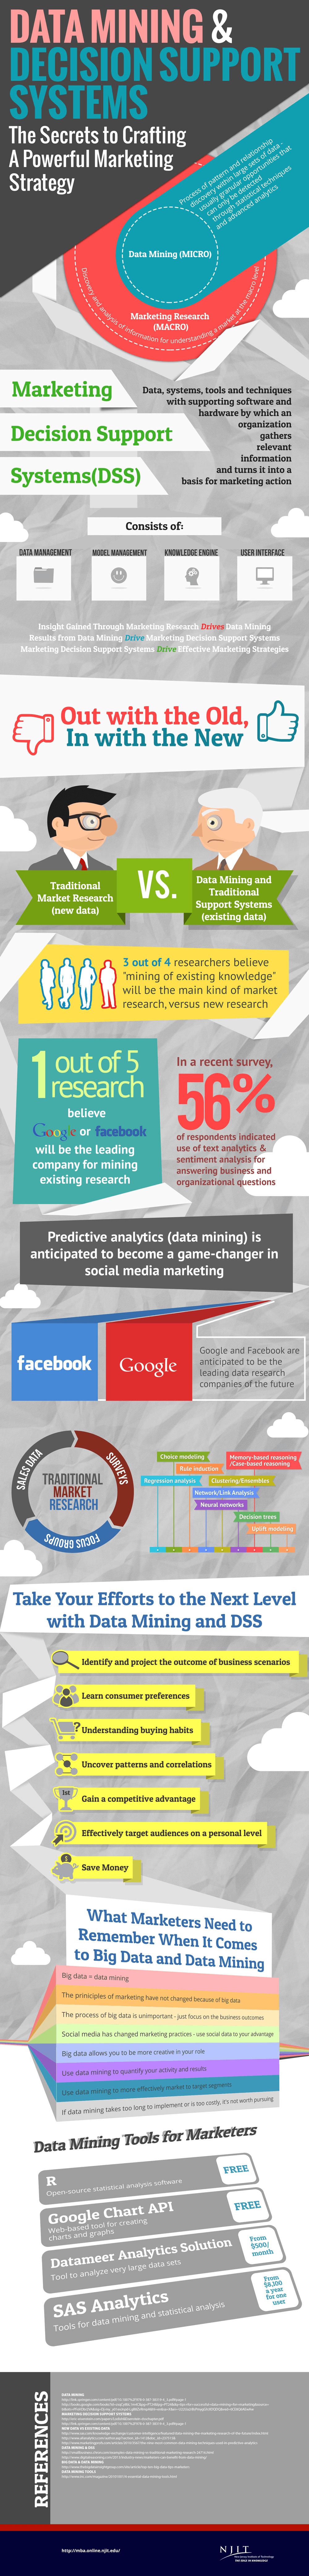 Infographie sur les défis et les opportunités offertes par les Big Data